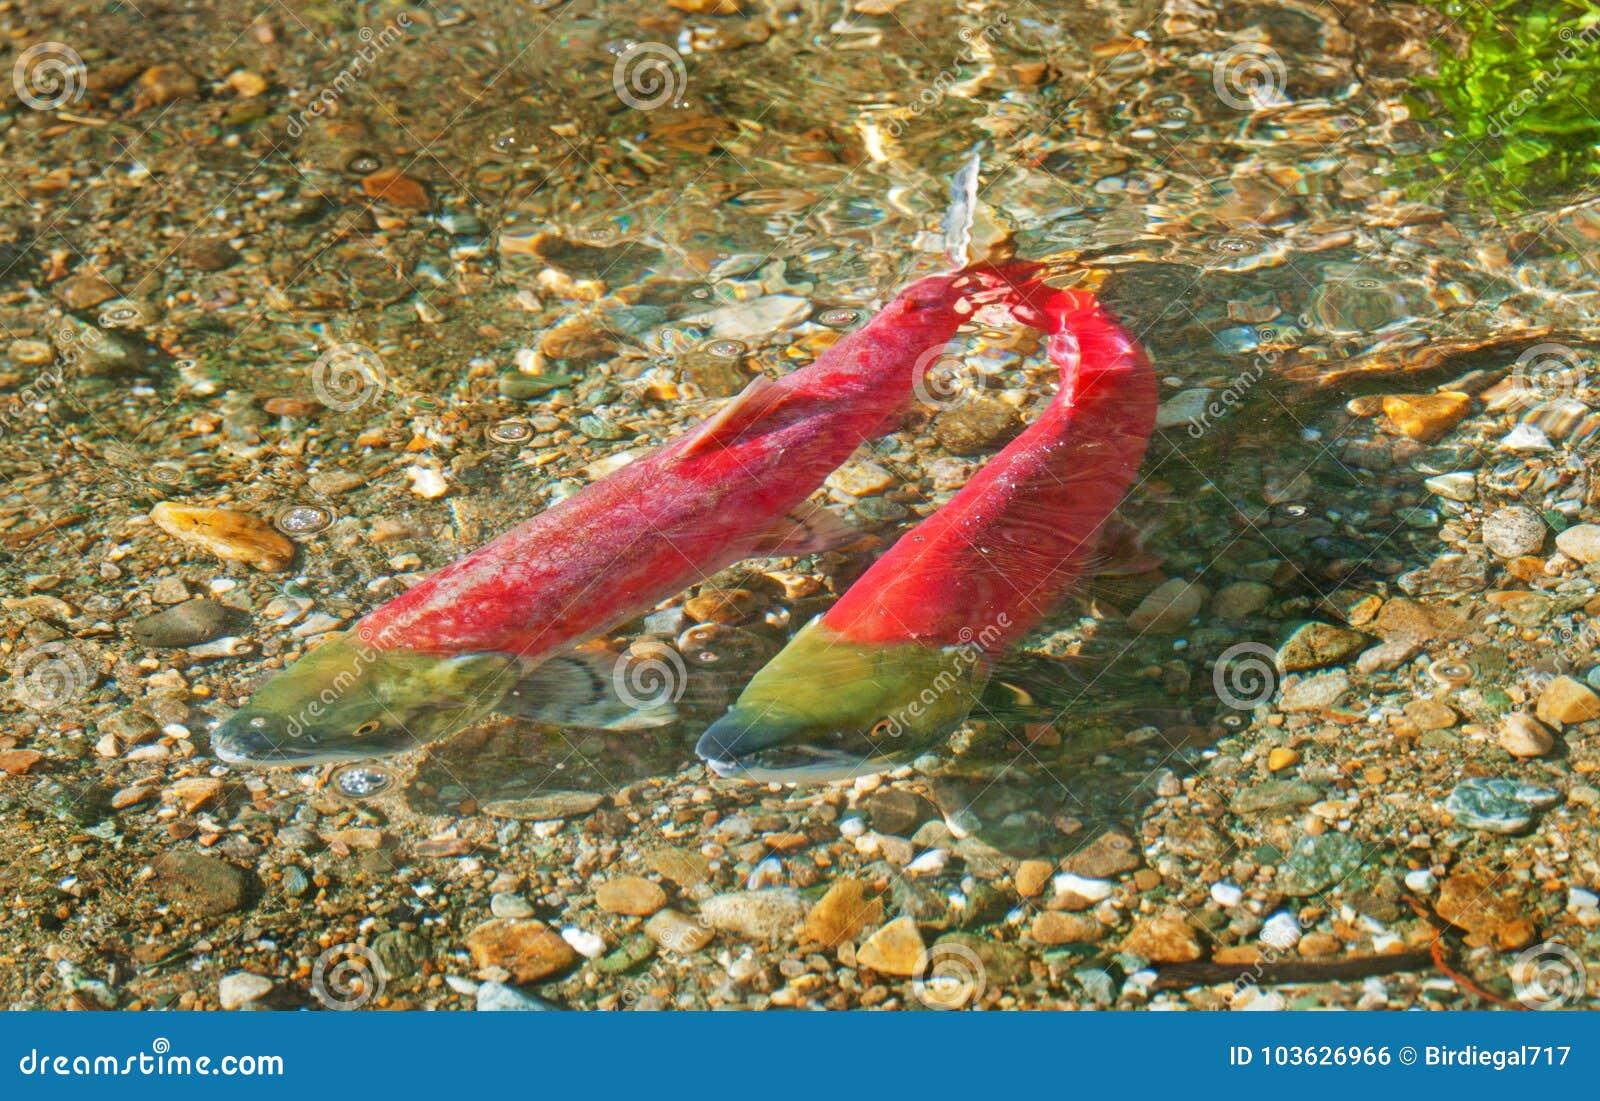 Ζωηρόχρωμος σολομός ωοτοκίας Sockeye που κολυμπά στον ποταμό, Βρετανική Κολομβία, Καναδάς